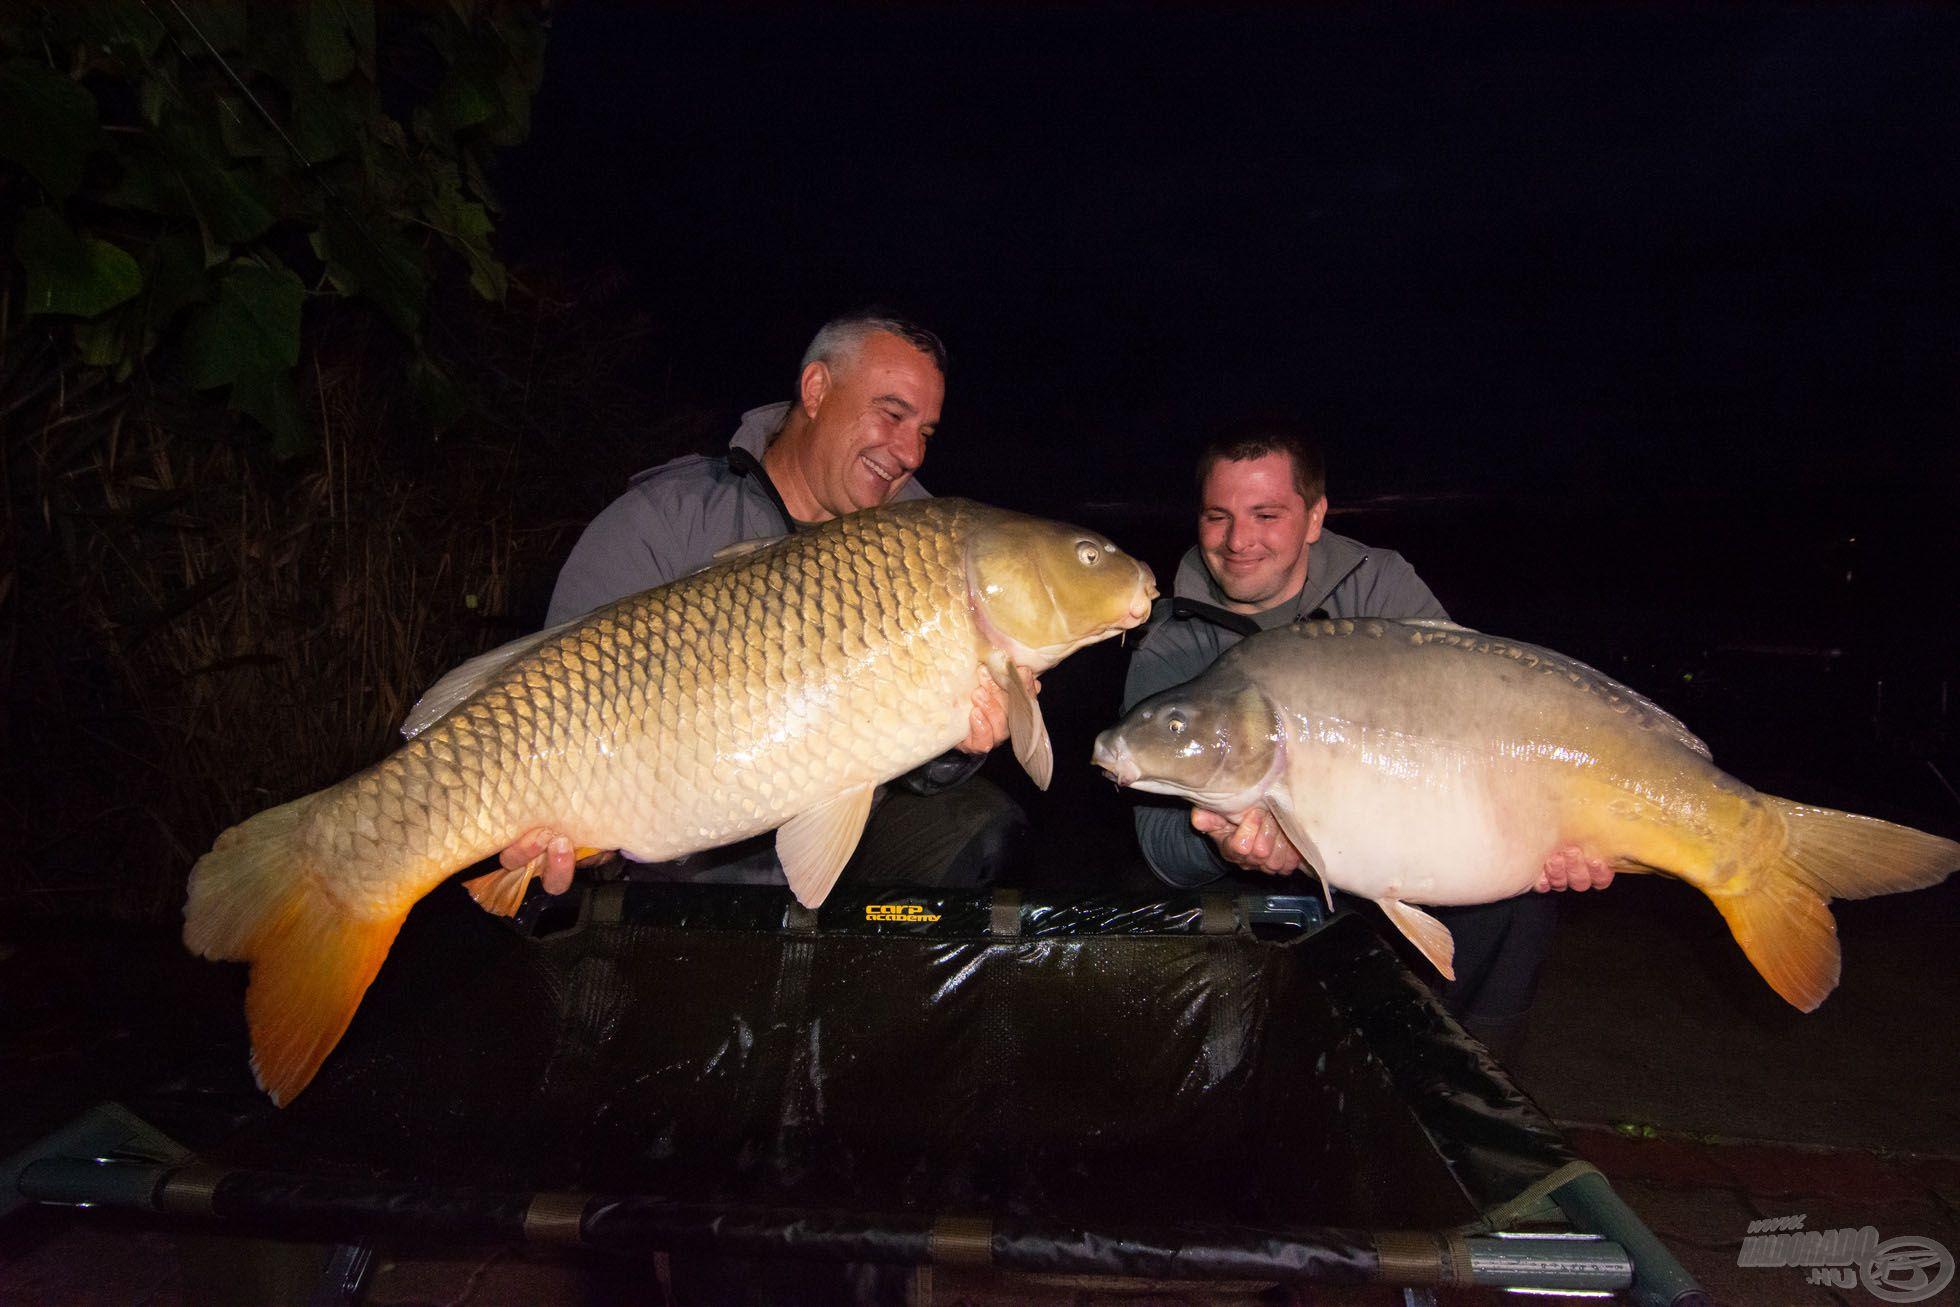 … és Laliéra is, a két hal majd negyven kilogramm